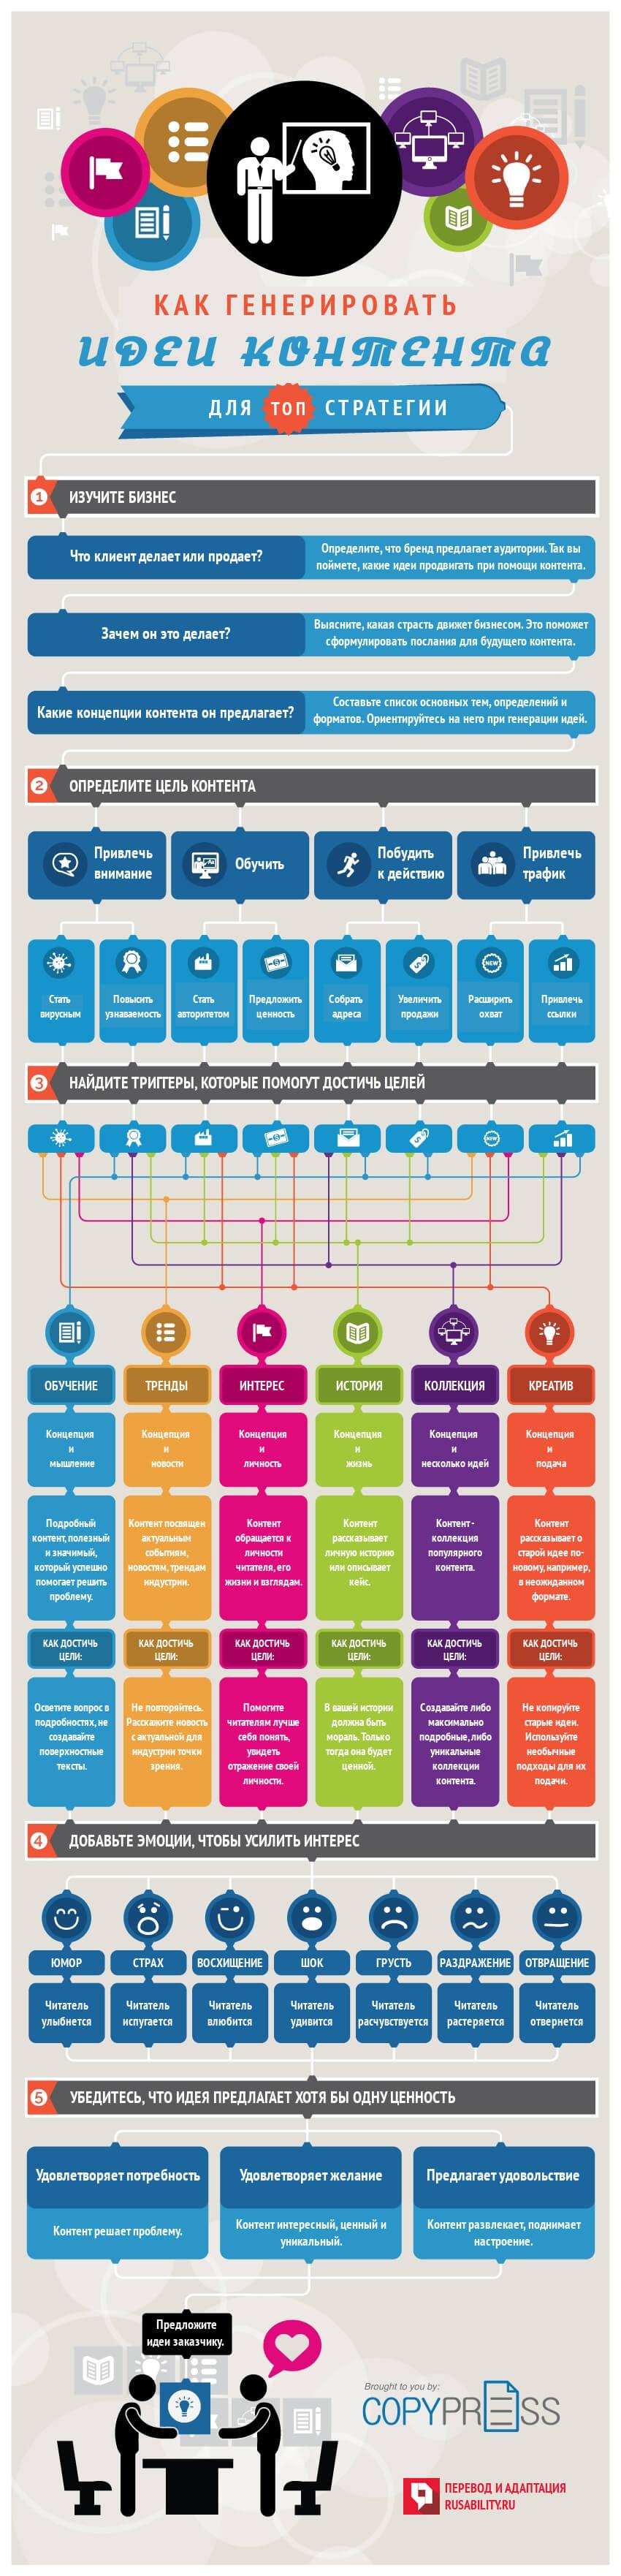 Как создавать идеи контента для топ стратегии. Инфографика